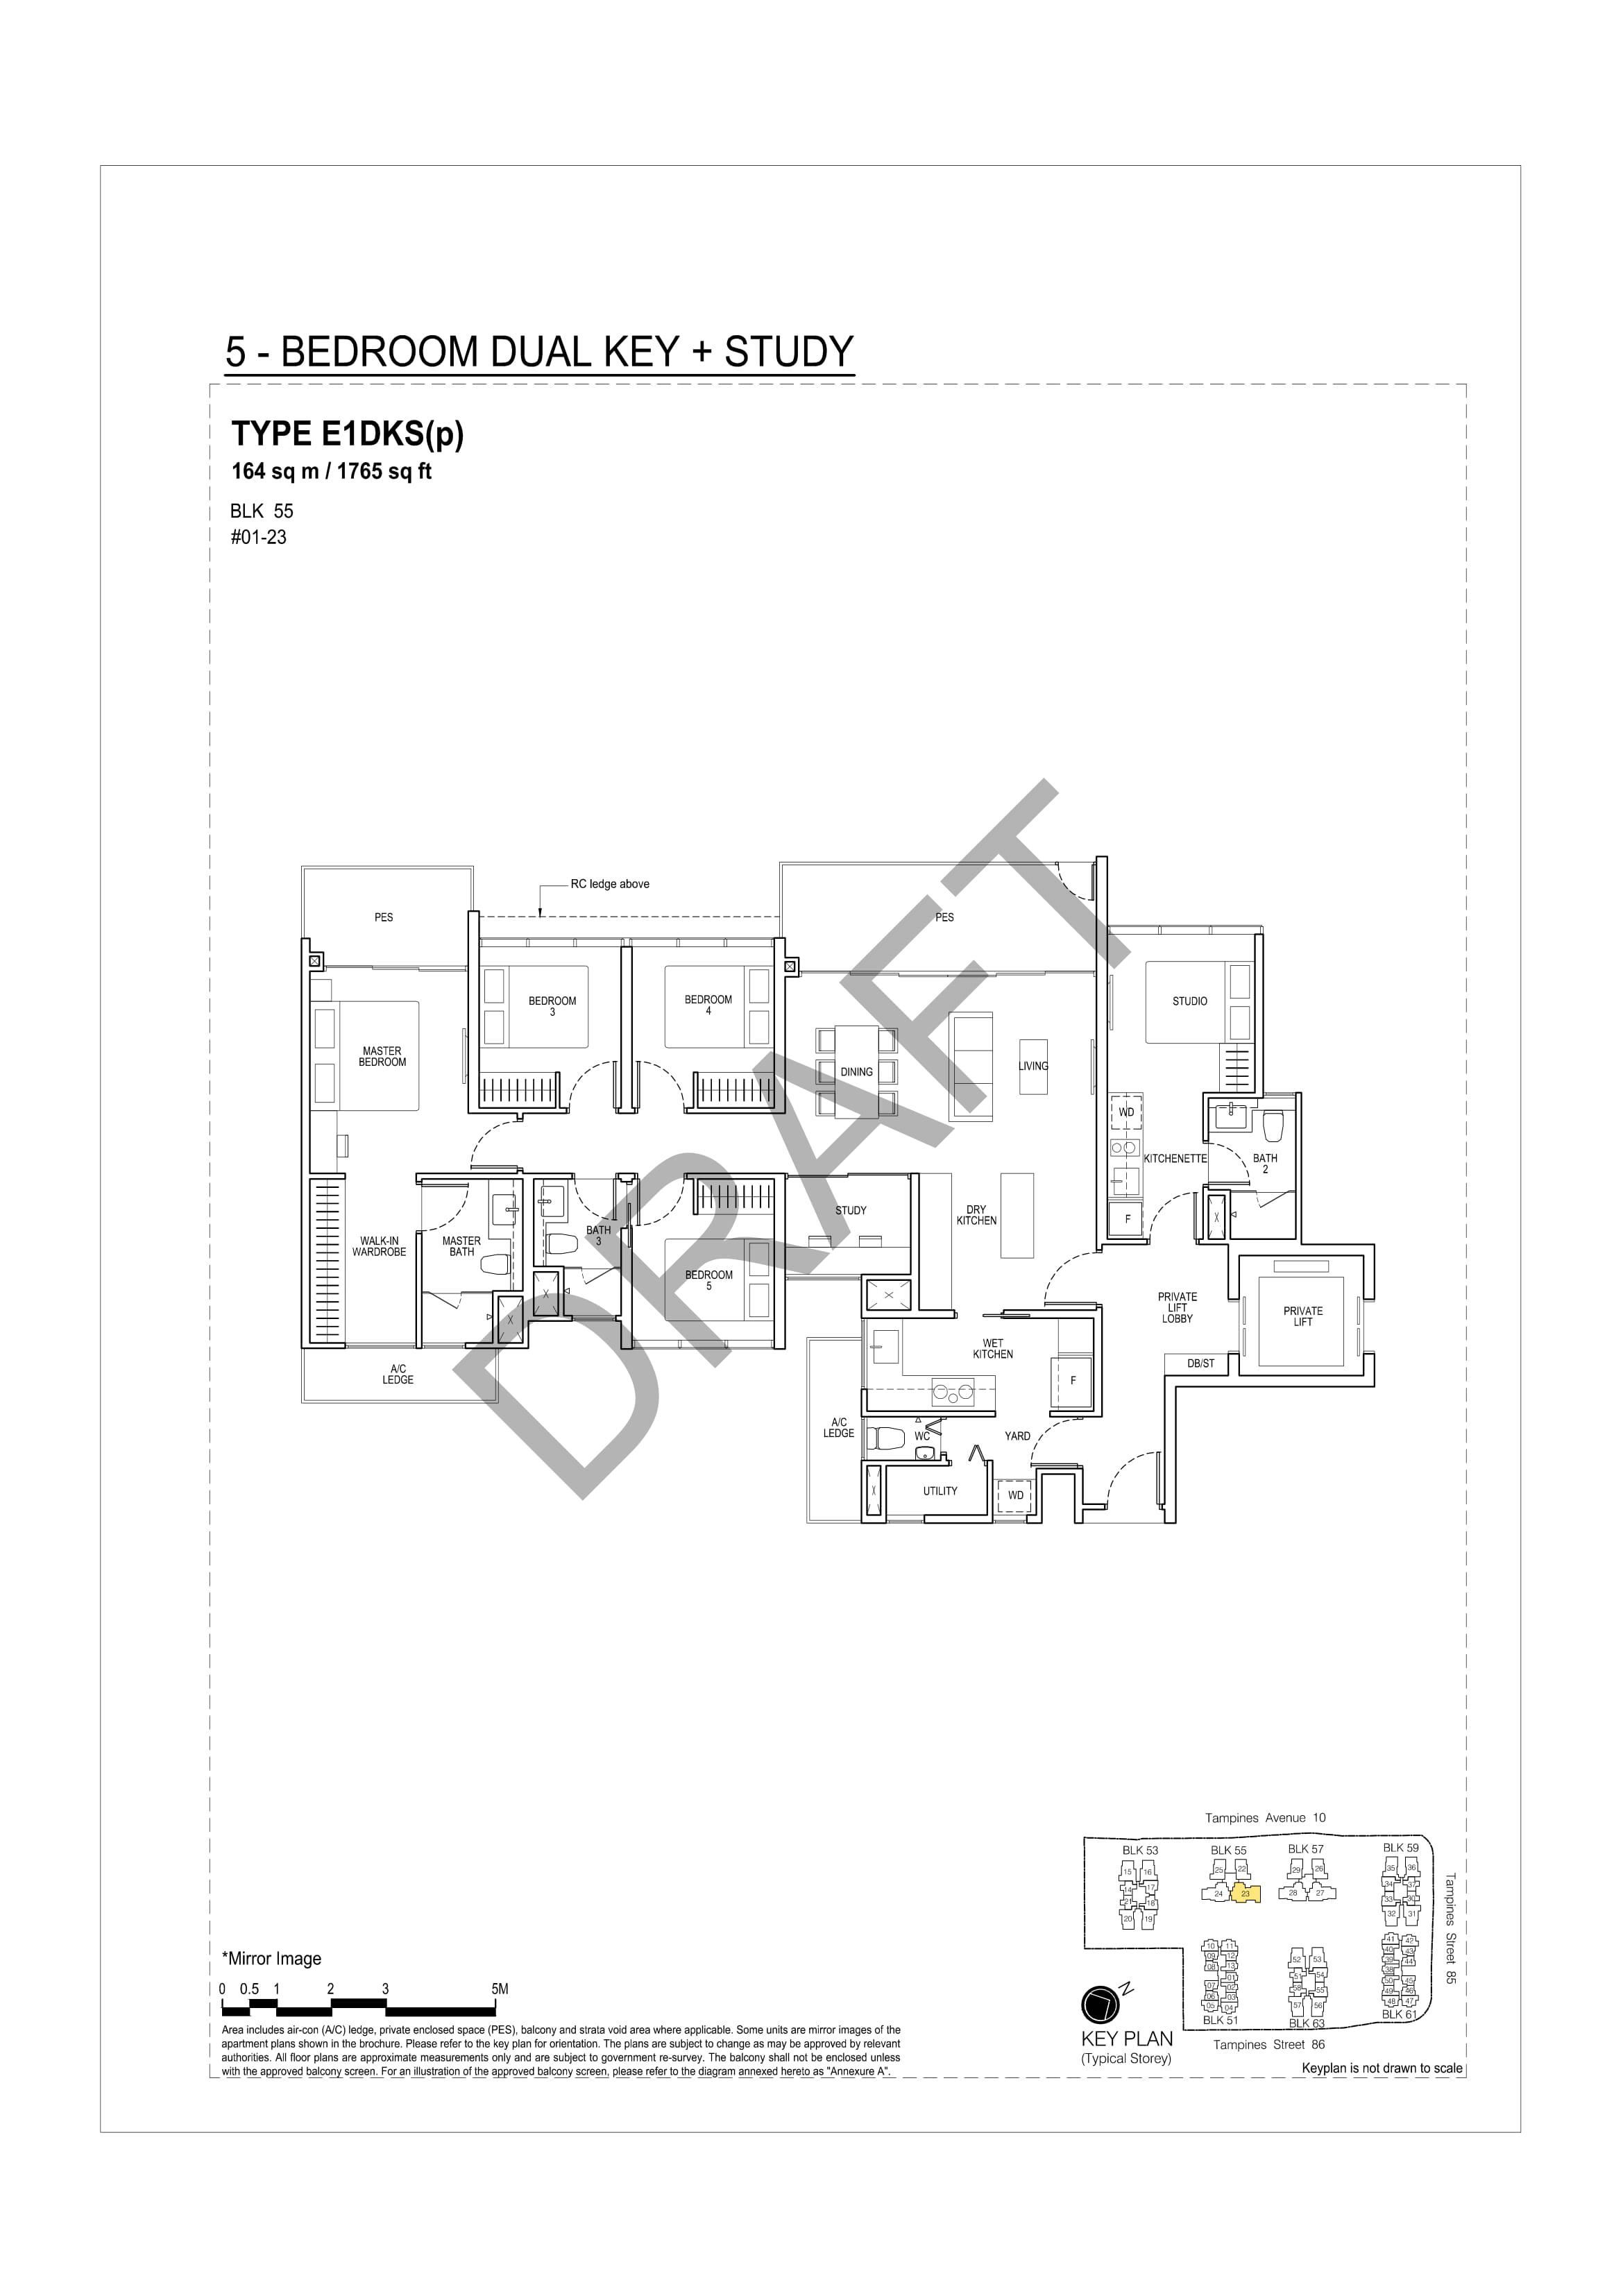 5 Bedroom DK + Study A